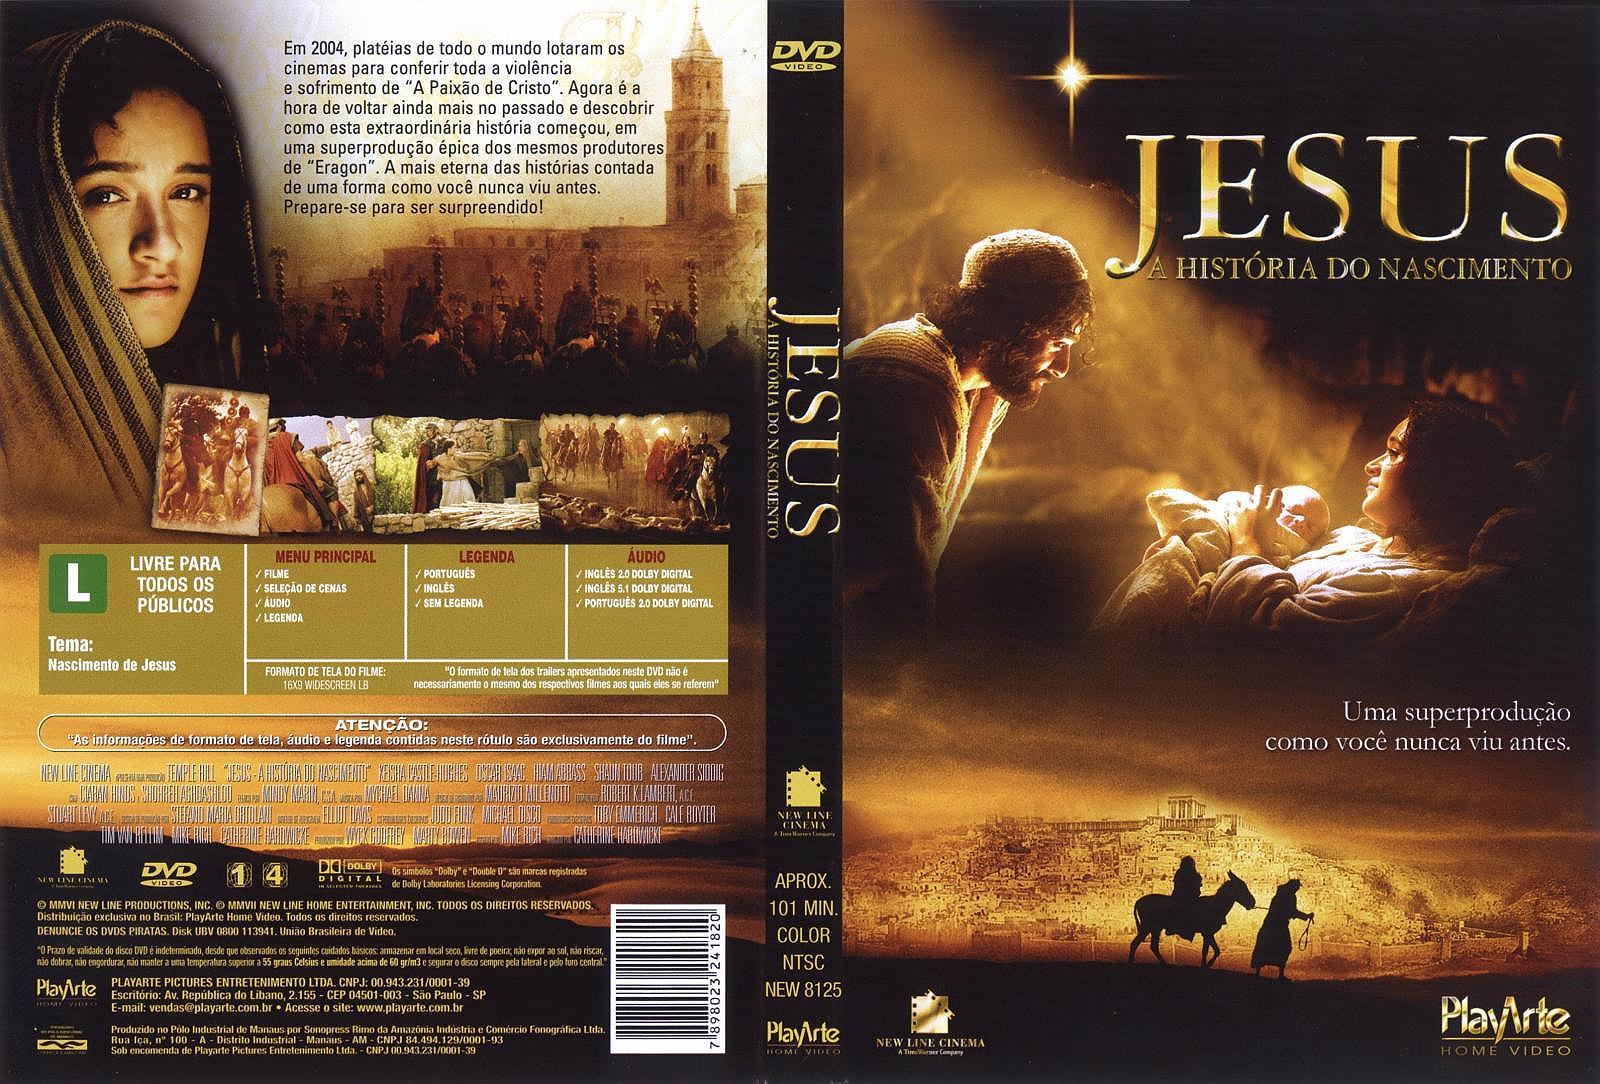 Jesus A História do Nascimento Jesus A História do Nascimento jesus ahistoriadonascimento